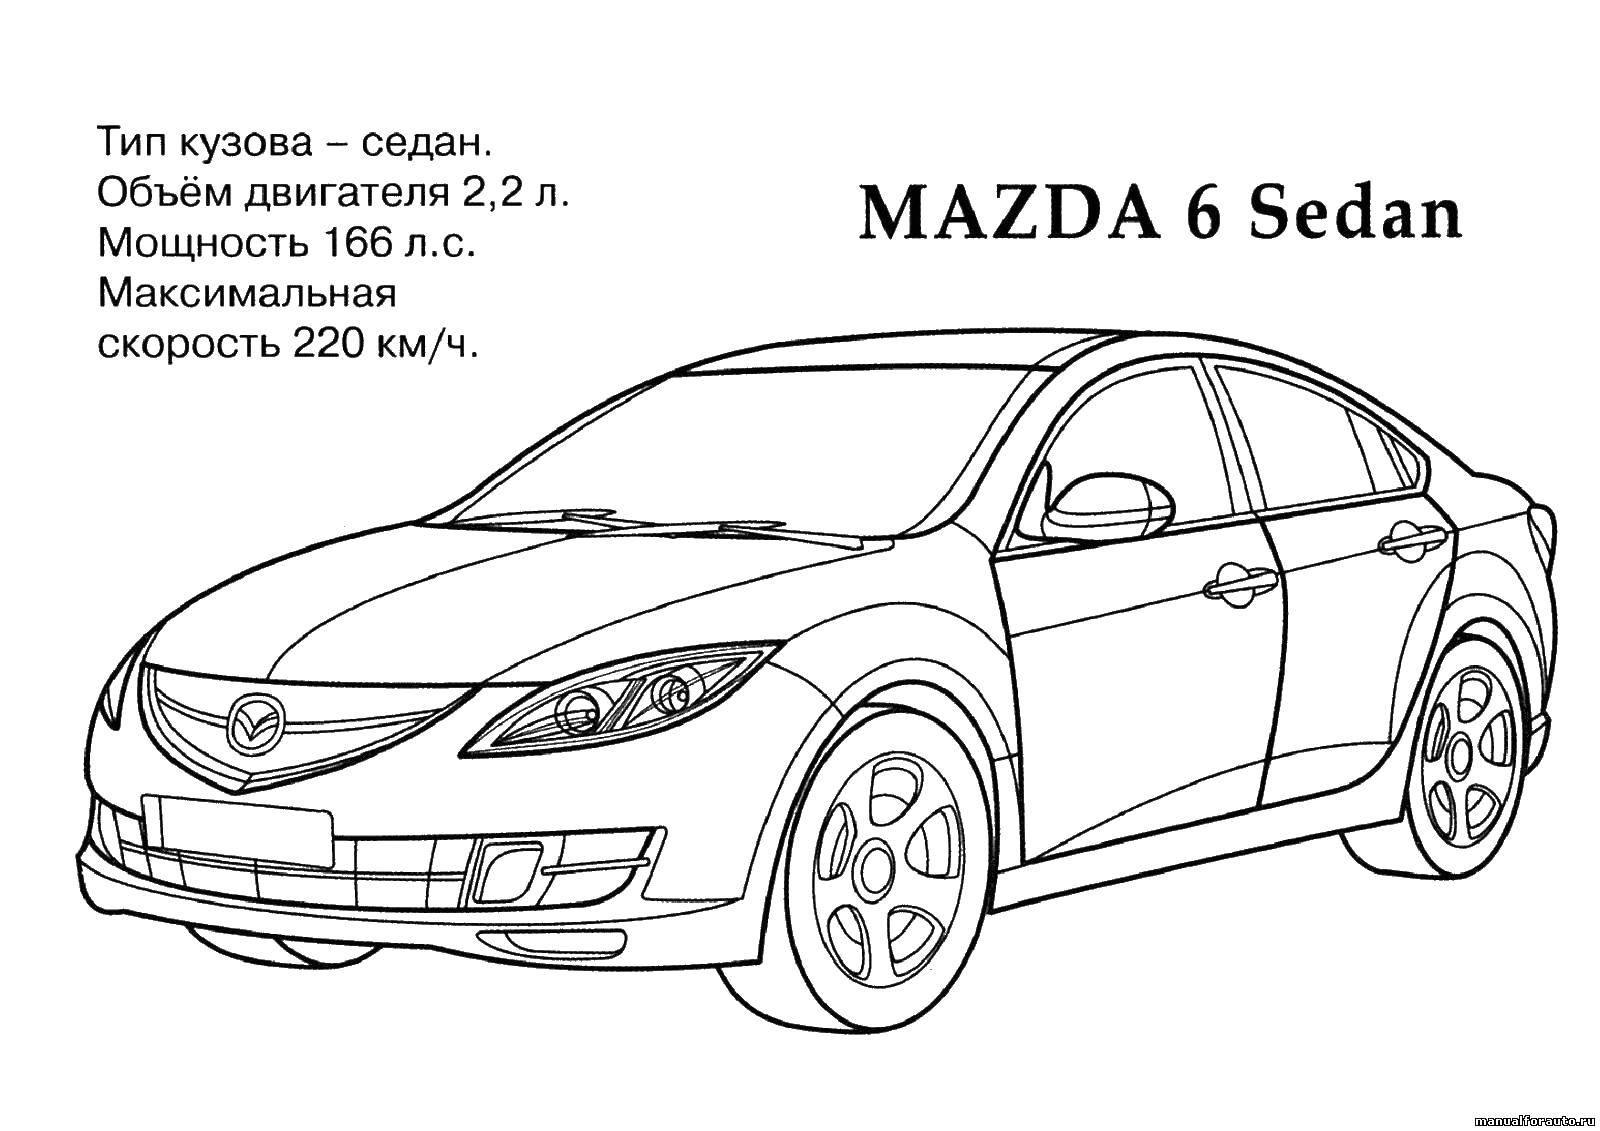 Coloring Mazda 6 sedan Download ,Transport, car,.  Print